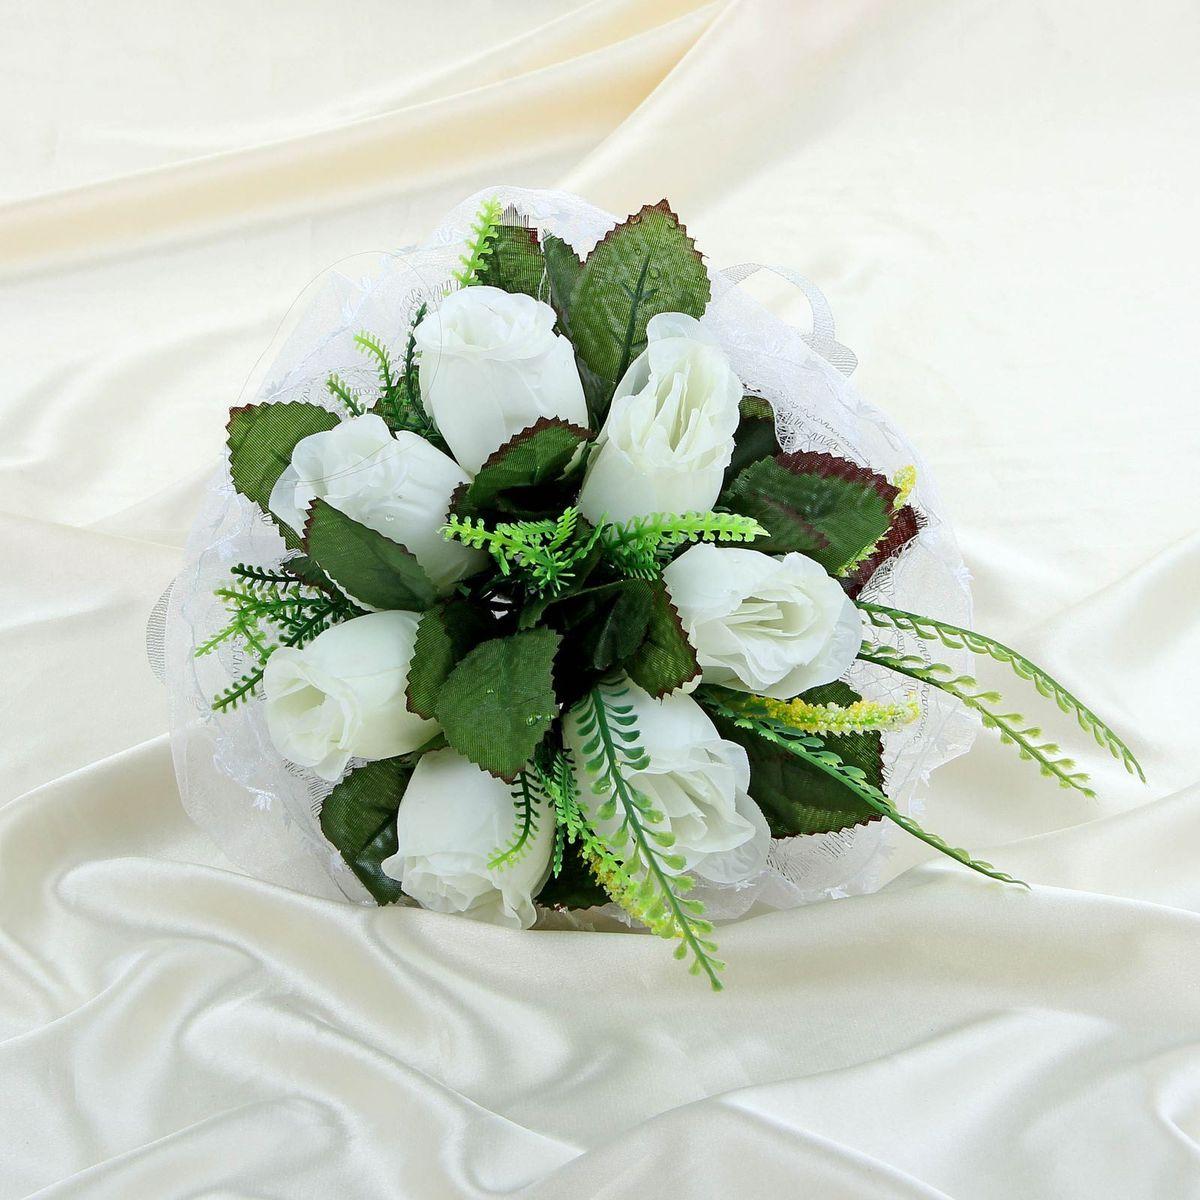 Букет-дублер Sima-land, цвет: белый. 1120322 кармашки на стену для бани sima land банные мелочи цвет белый 3 шт